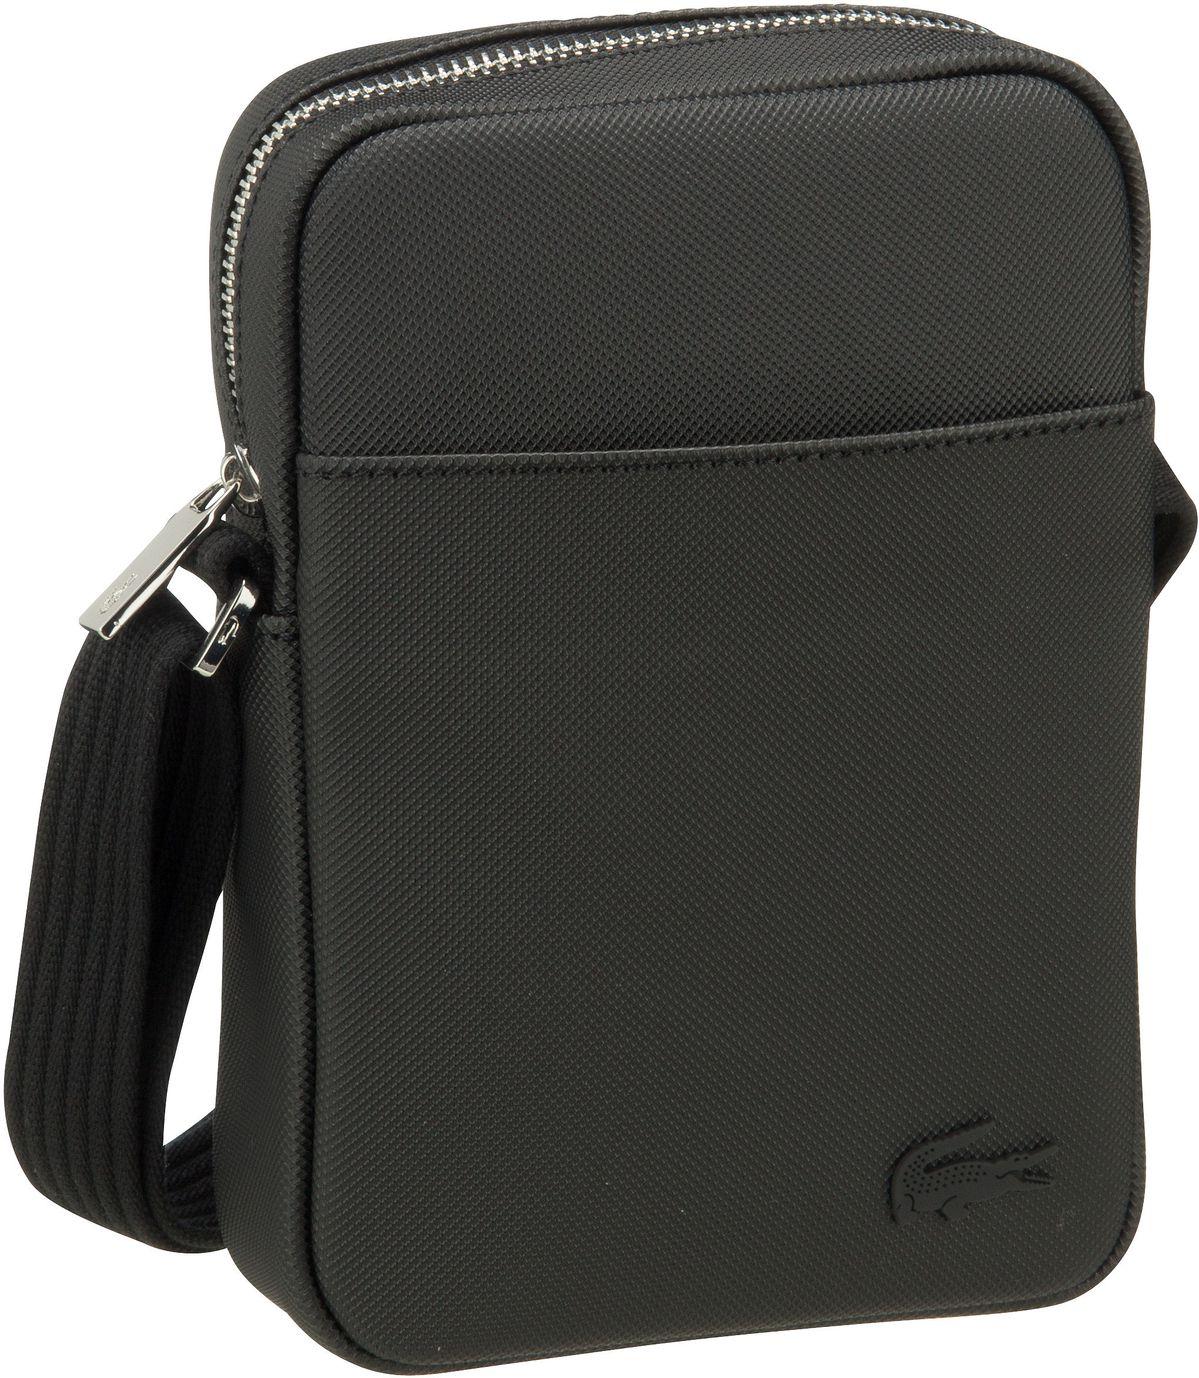 Umhängetasche Men's Classic Camera Bag 2340 Black